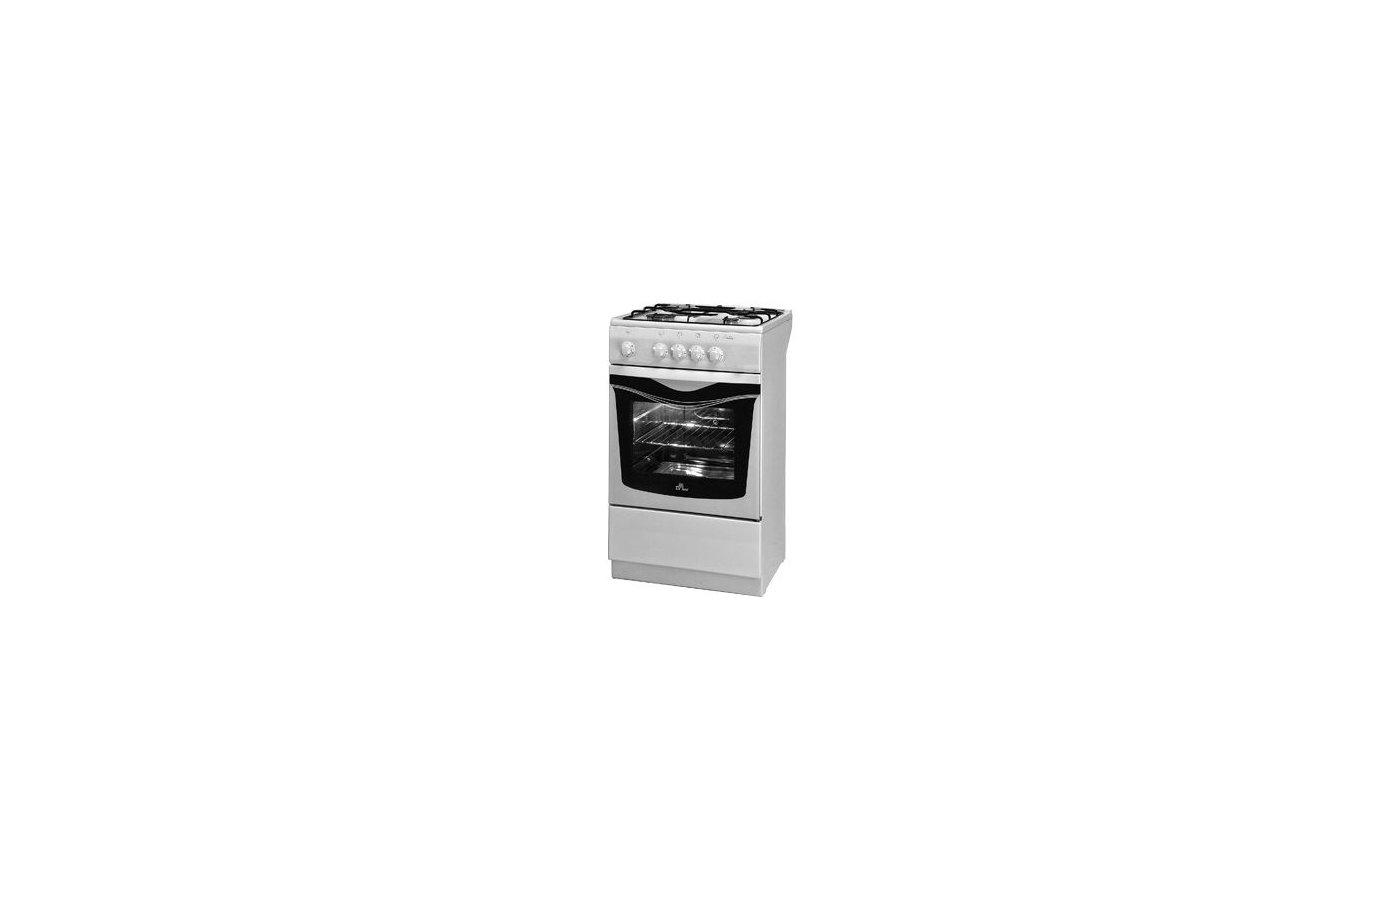 Плита газовая DELUXE 5040.37 Г белая